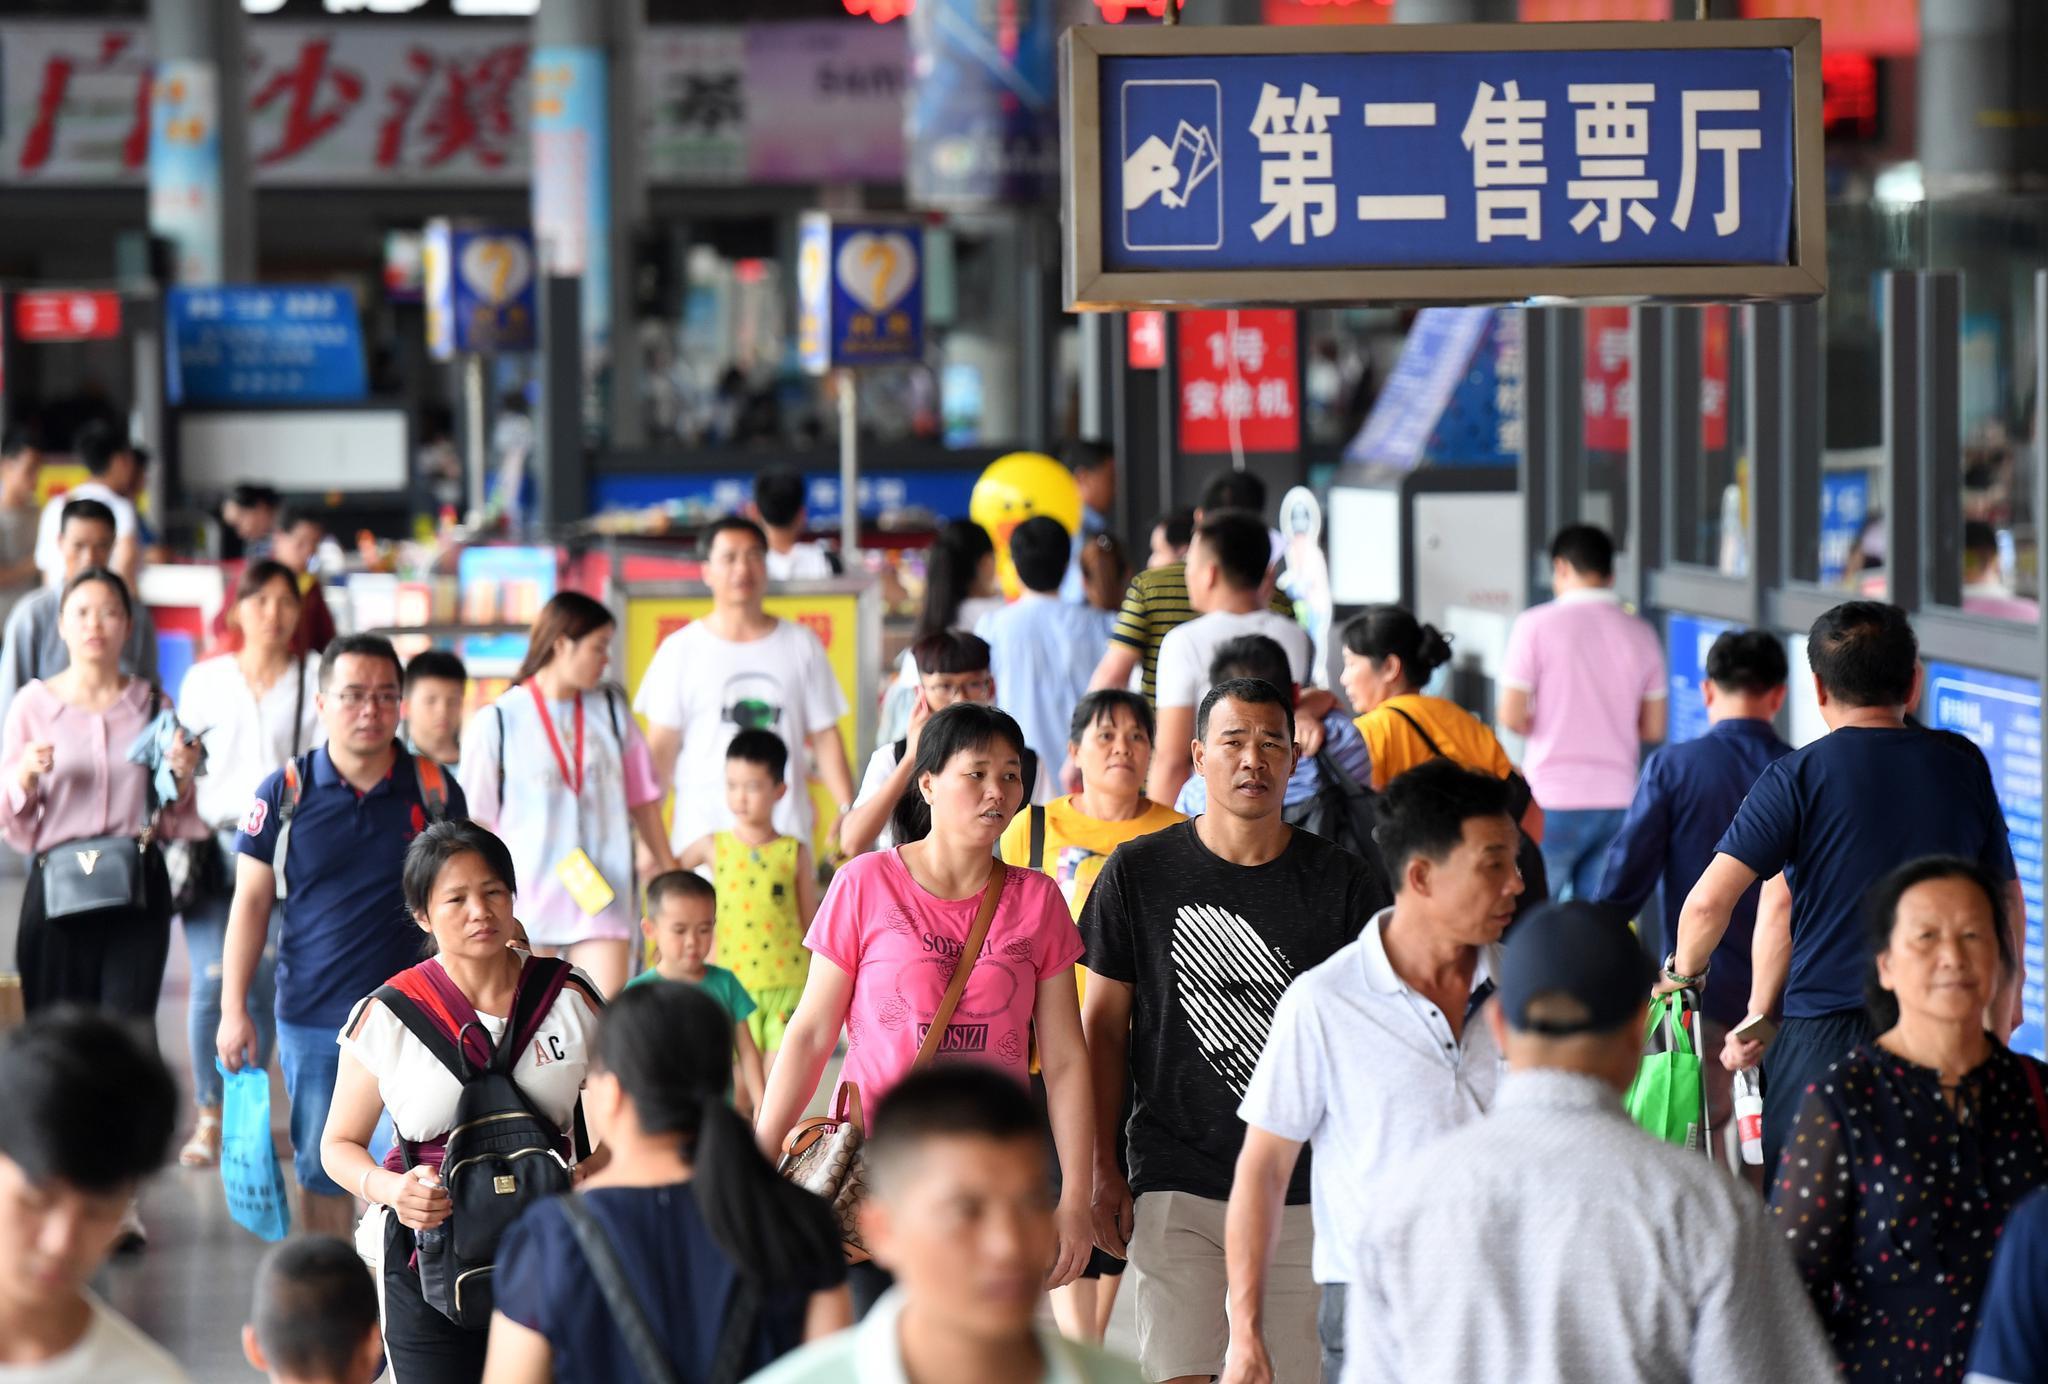 游戏平台赌钱的|港股本周累升3.2% 憧憬加息利好香港银行股有望受惠